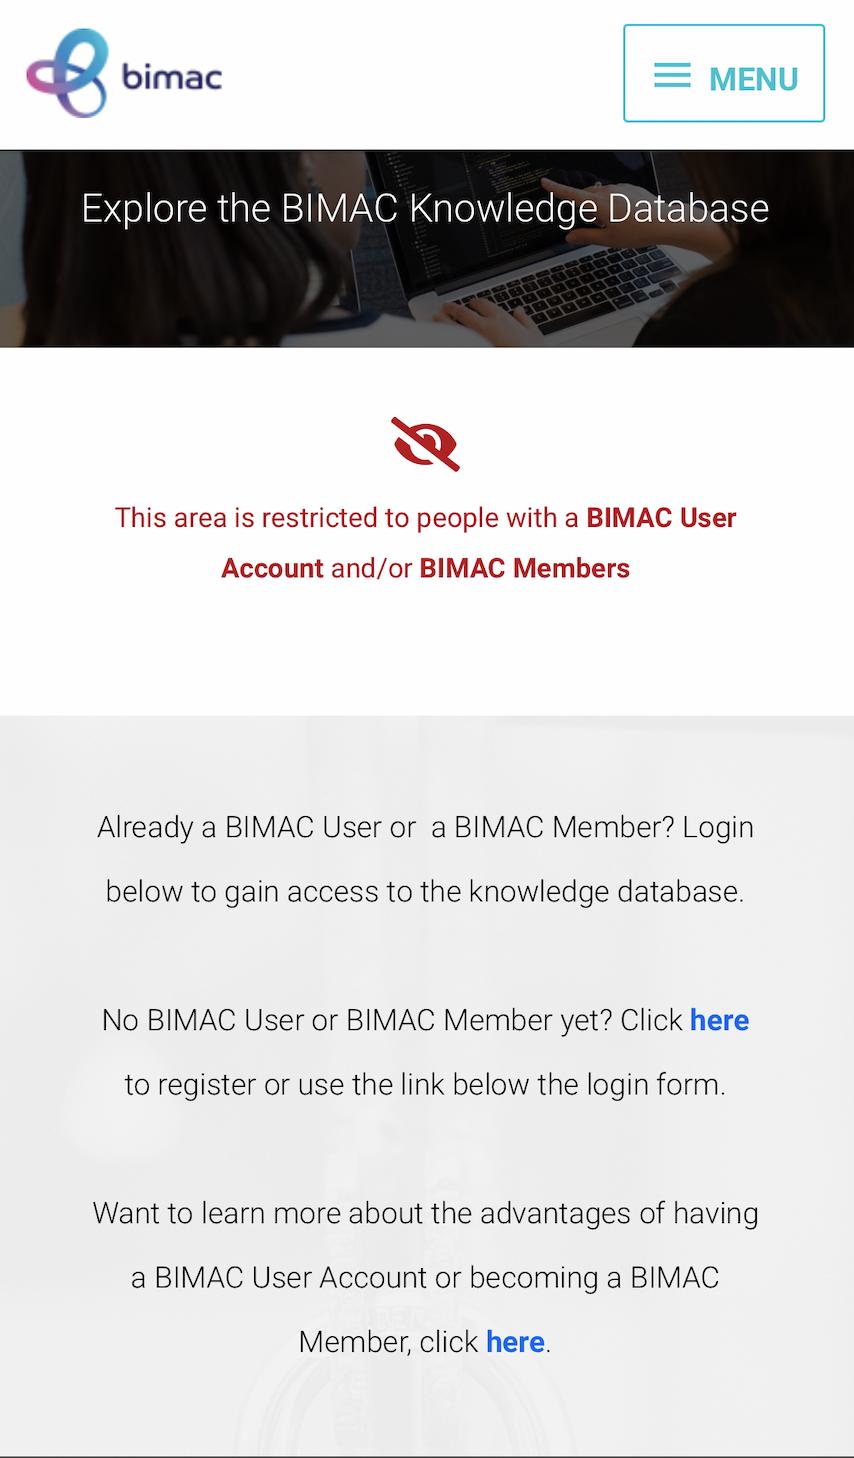 hepto_webdesign_bimac4